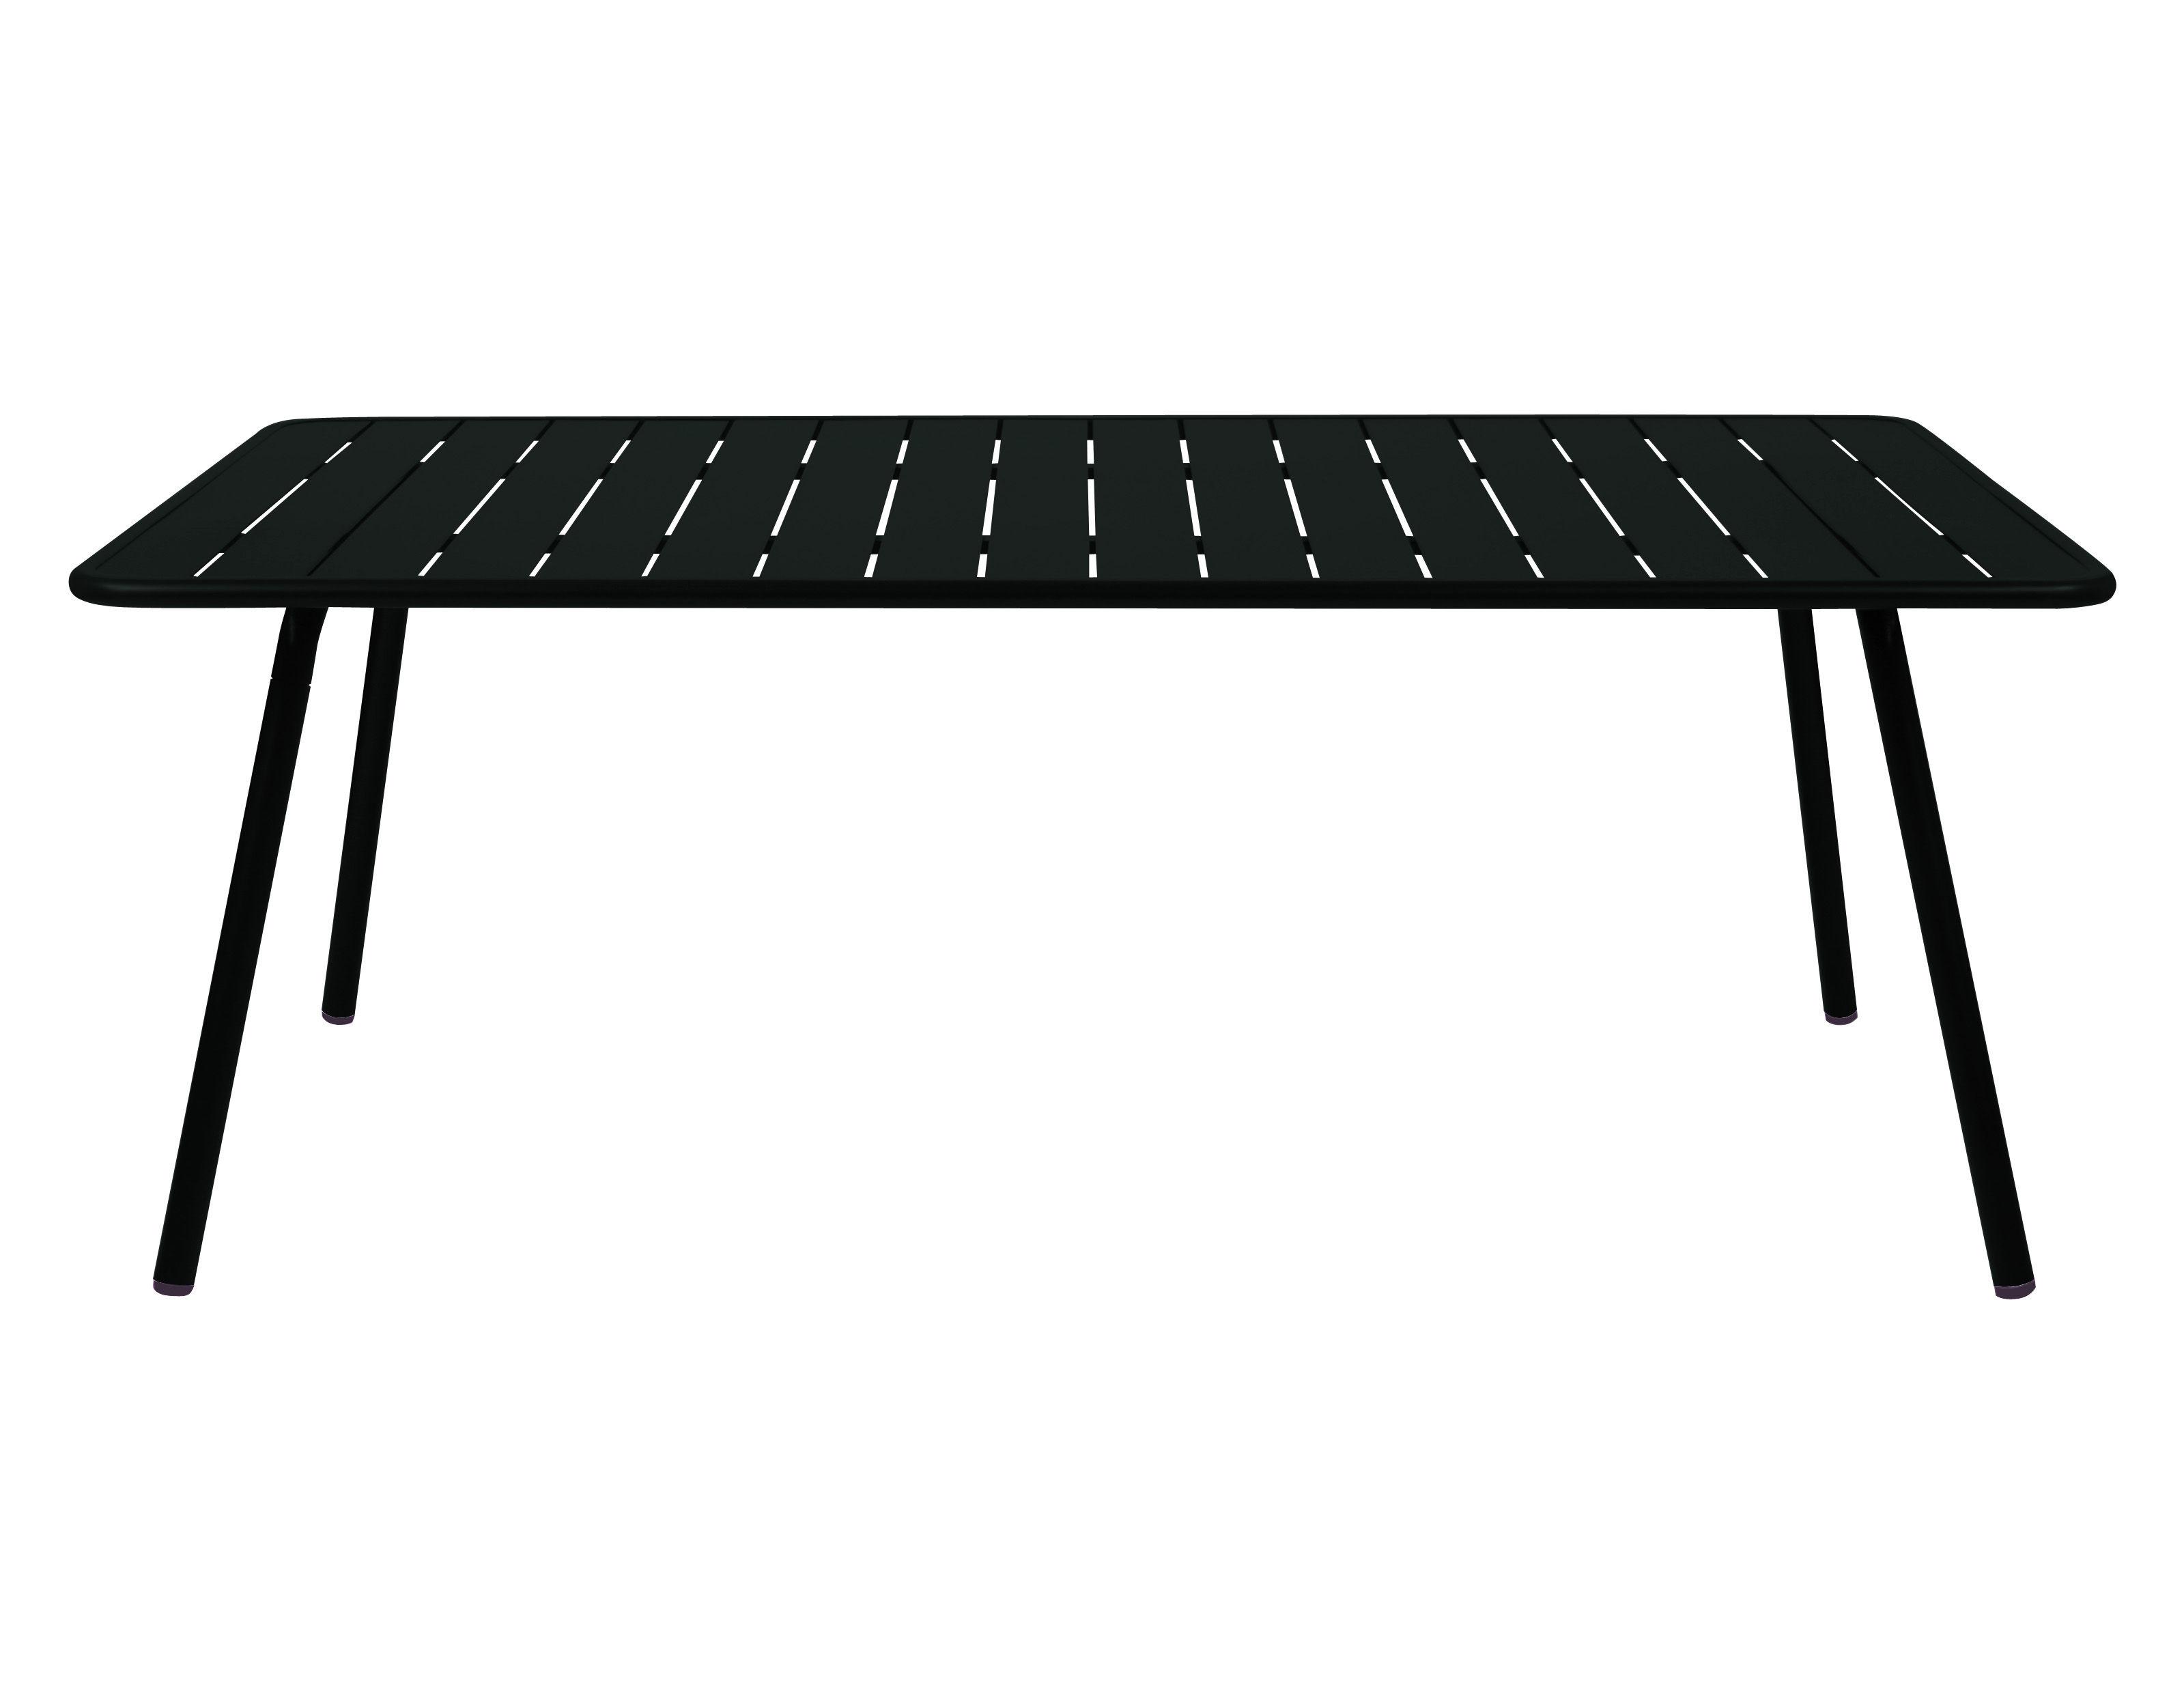 Outdoor - Tavoli  - Tavolo rettangolare Luxembourg - 8 persone - L 207 cm di Fermob - Liquerizia - Alluminio laccato